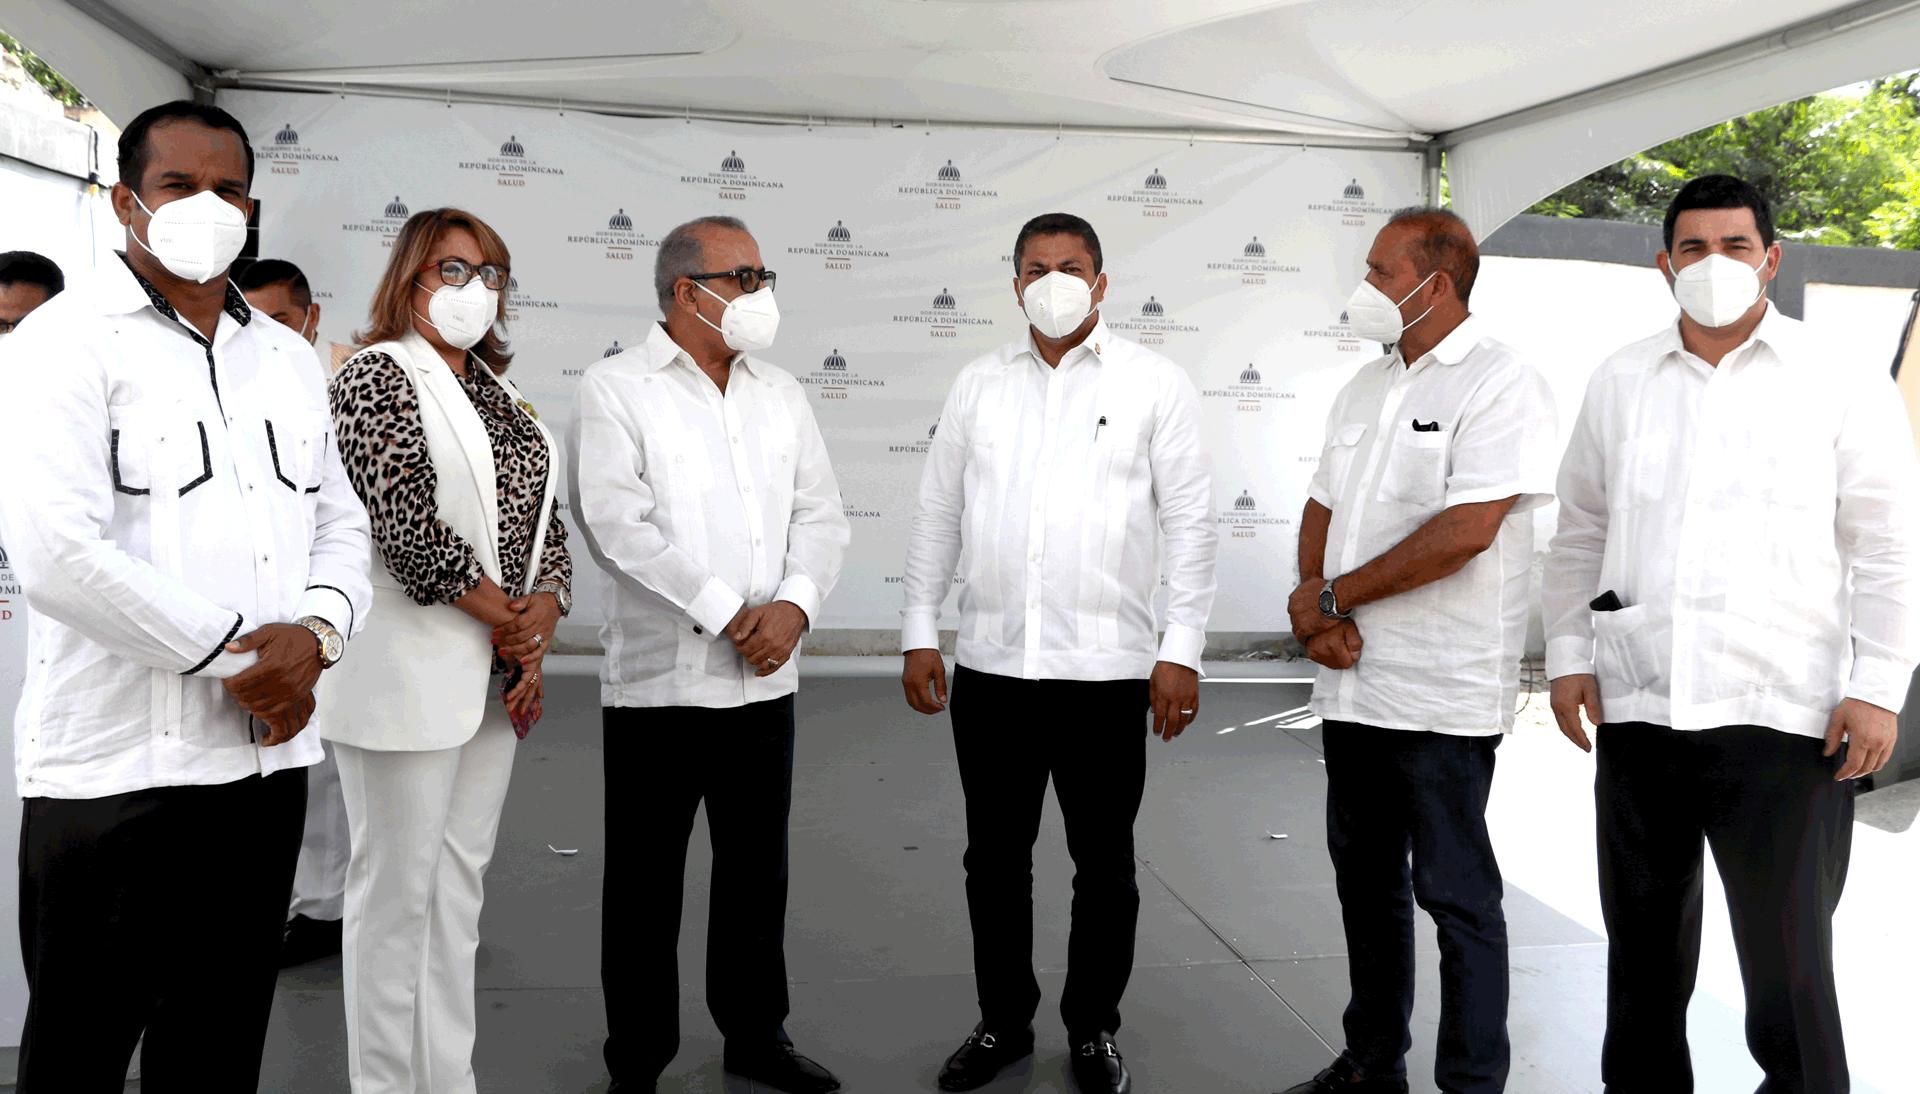 GOBIERNO INSTALA HOSPITAL MÓVIL EN MUNICIPIO DE ESPERANZA